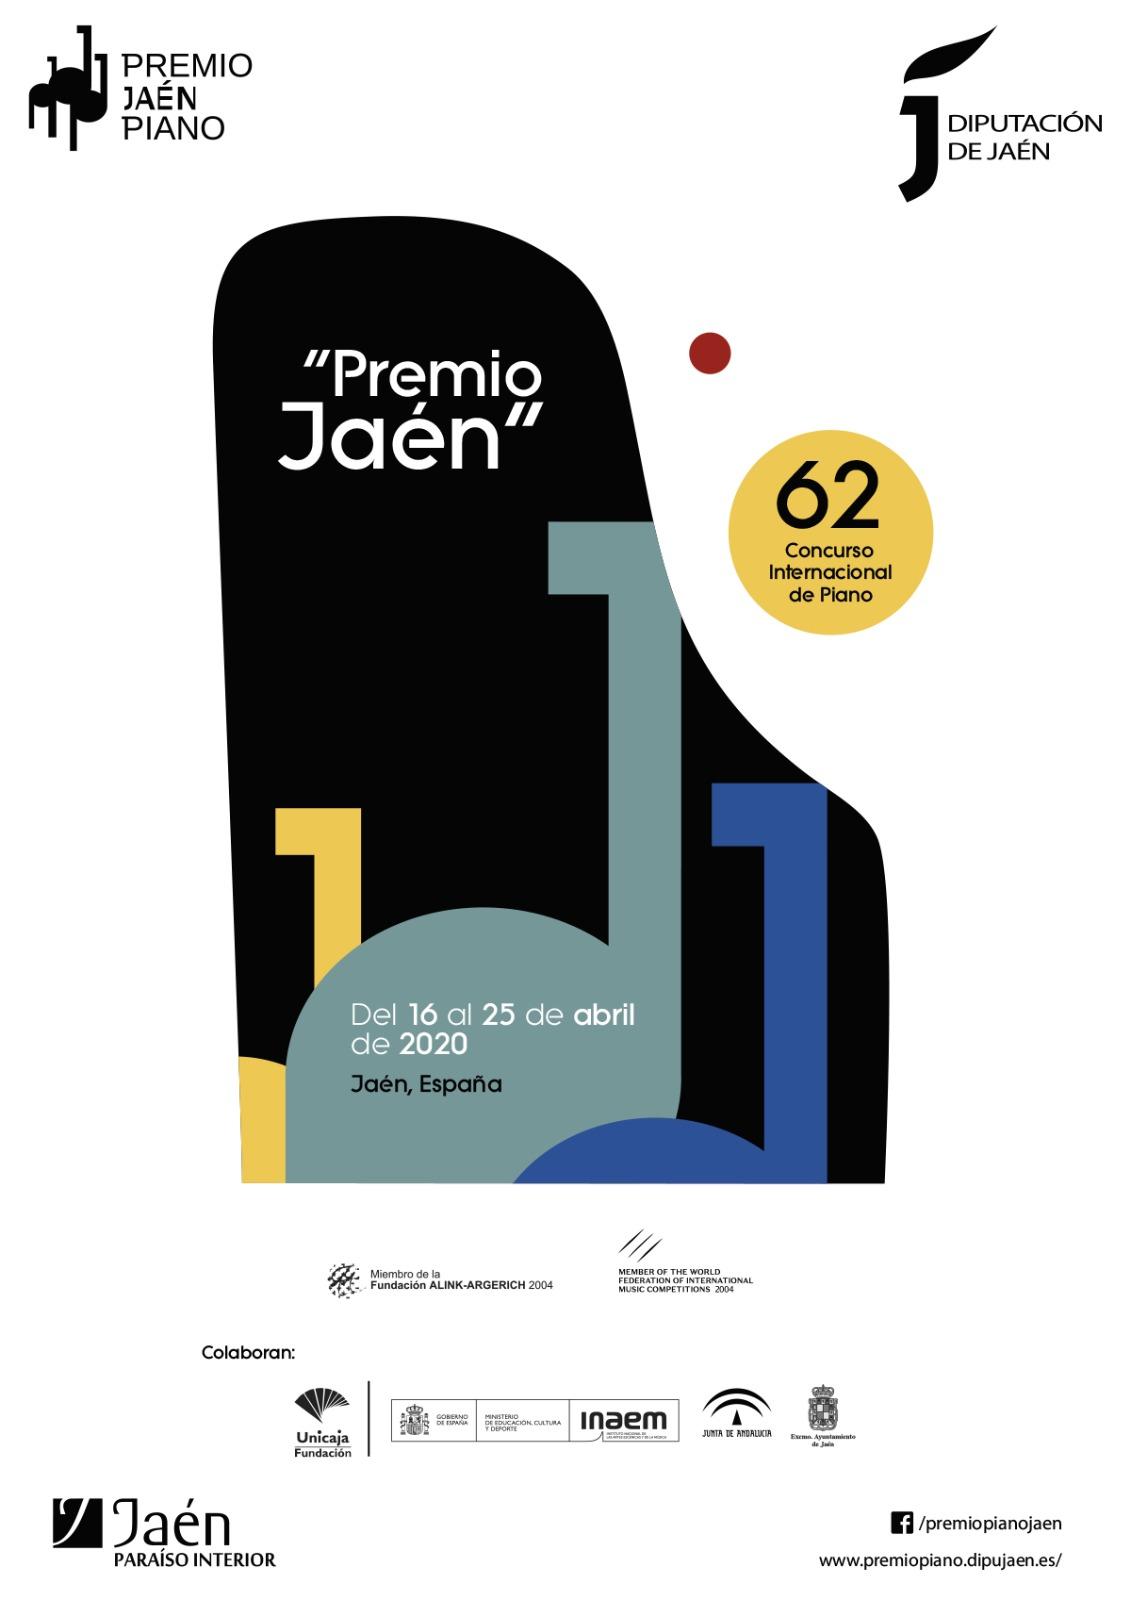 Diputación decide suspender el 62º Premio 'Jaén' de Piano tras la incertidumbre generada por la pandemia del coronavirus